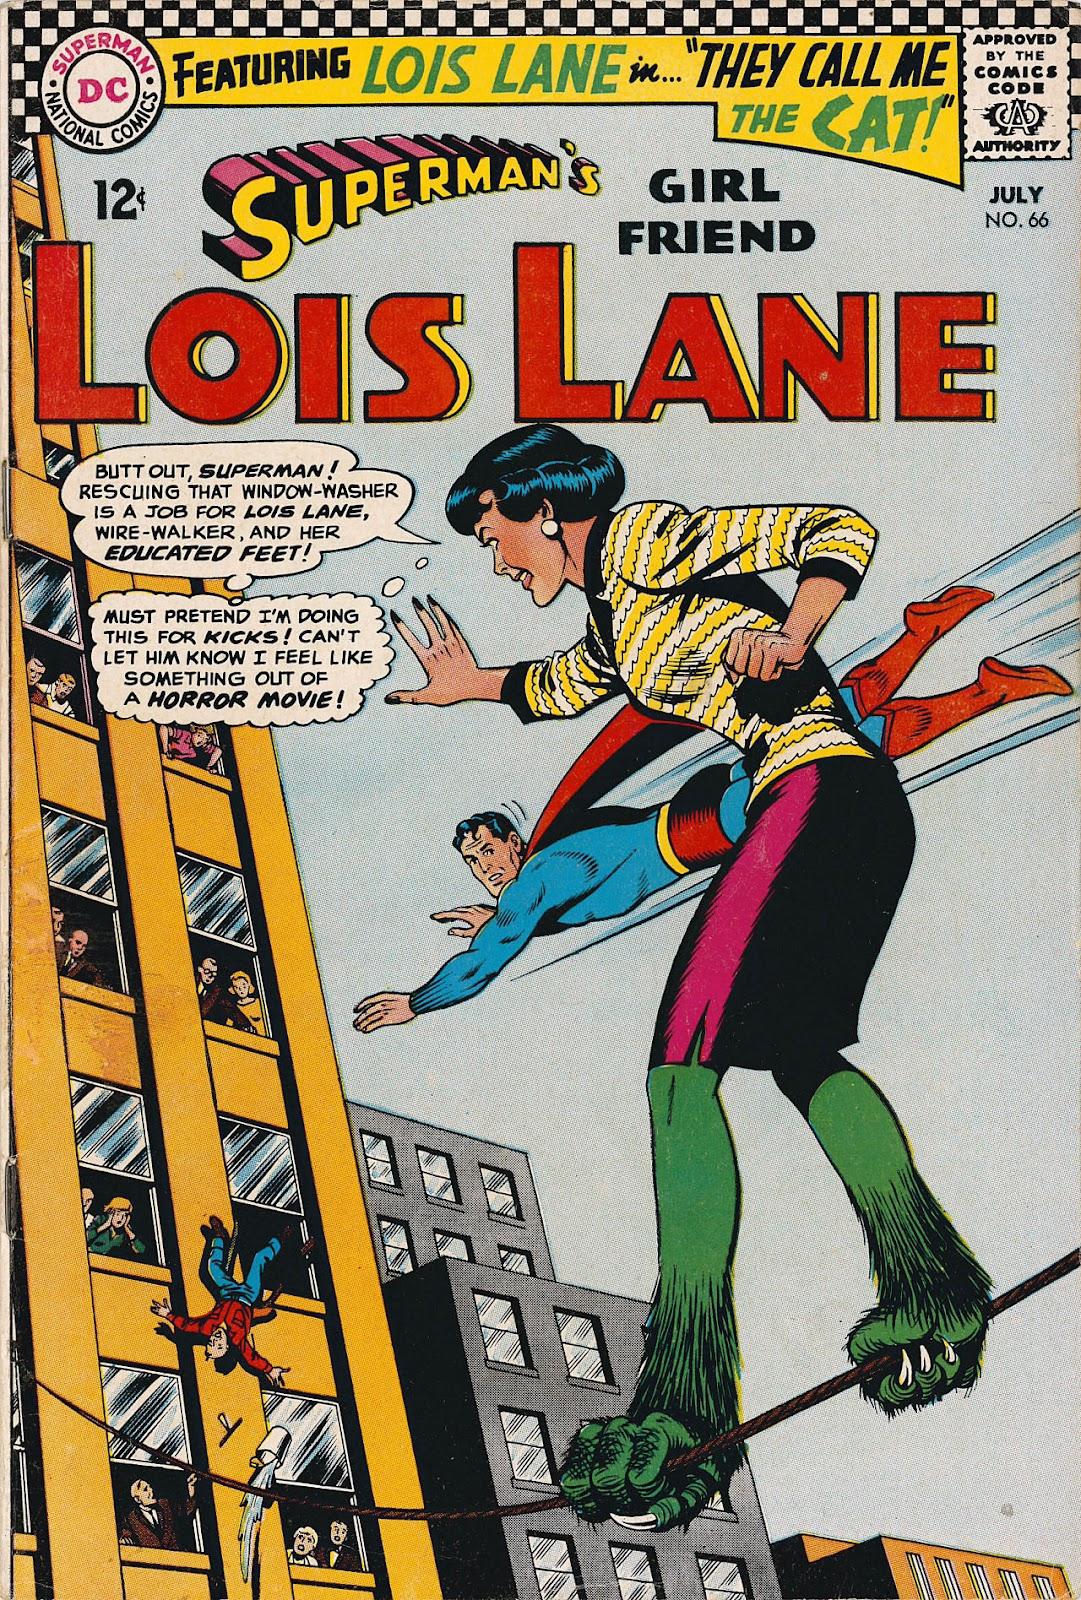 Supermans Girl Friend, Lois Lane 66 Page 1